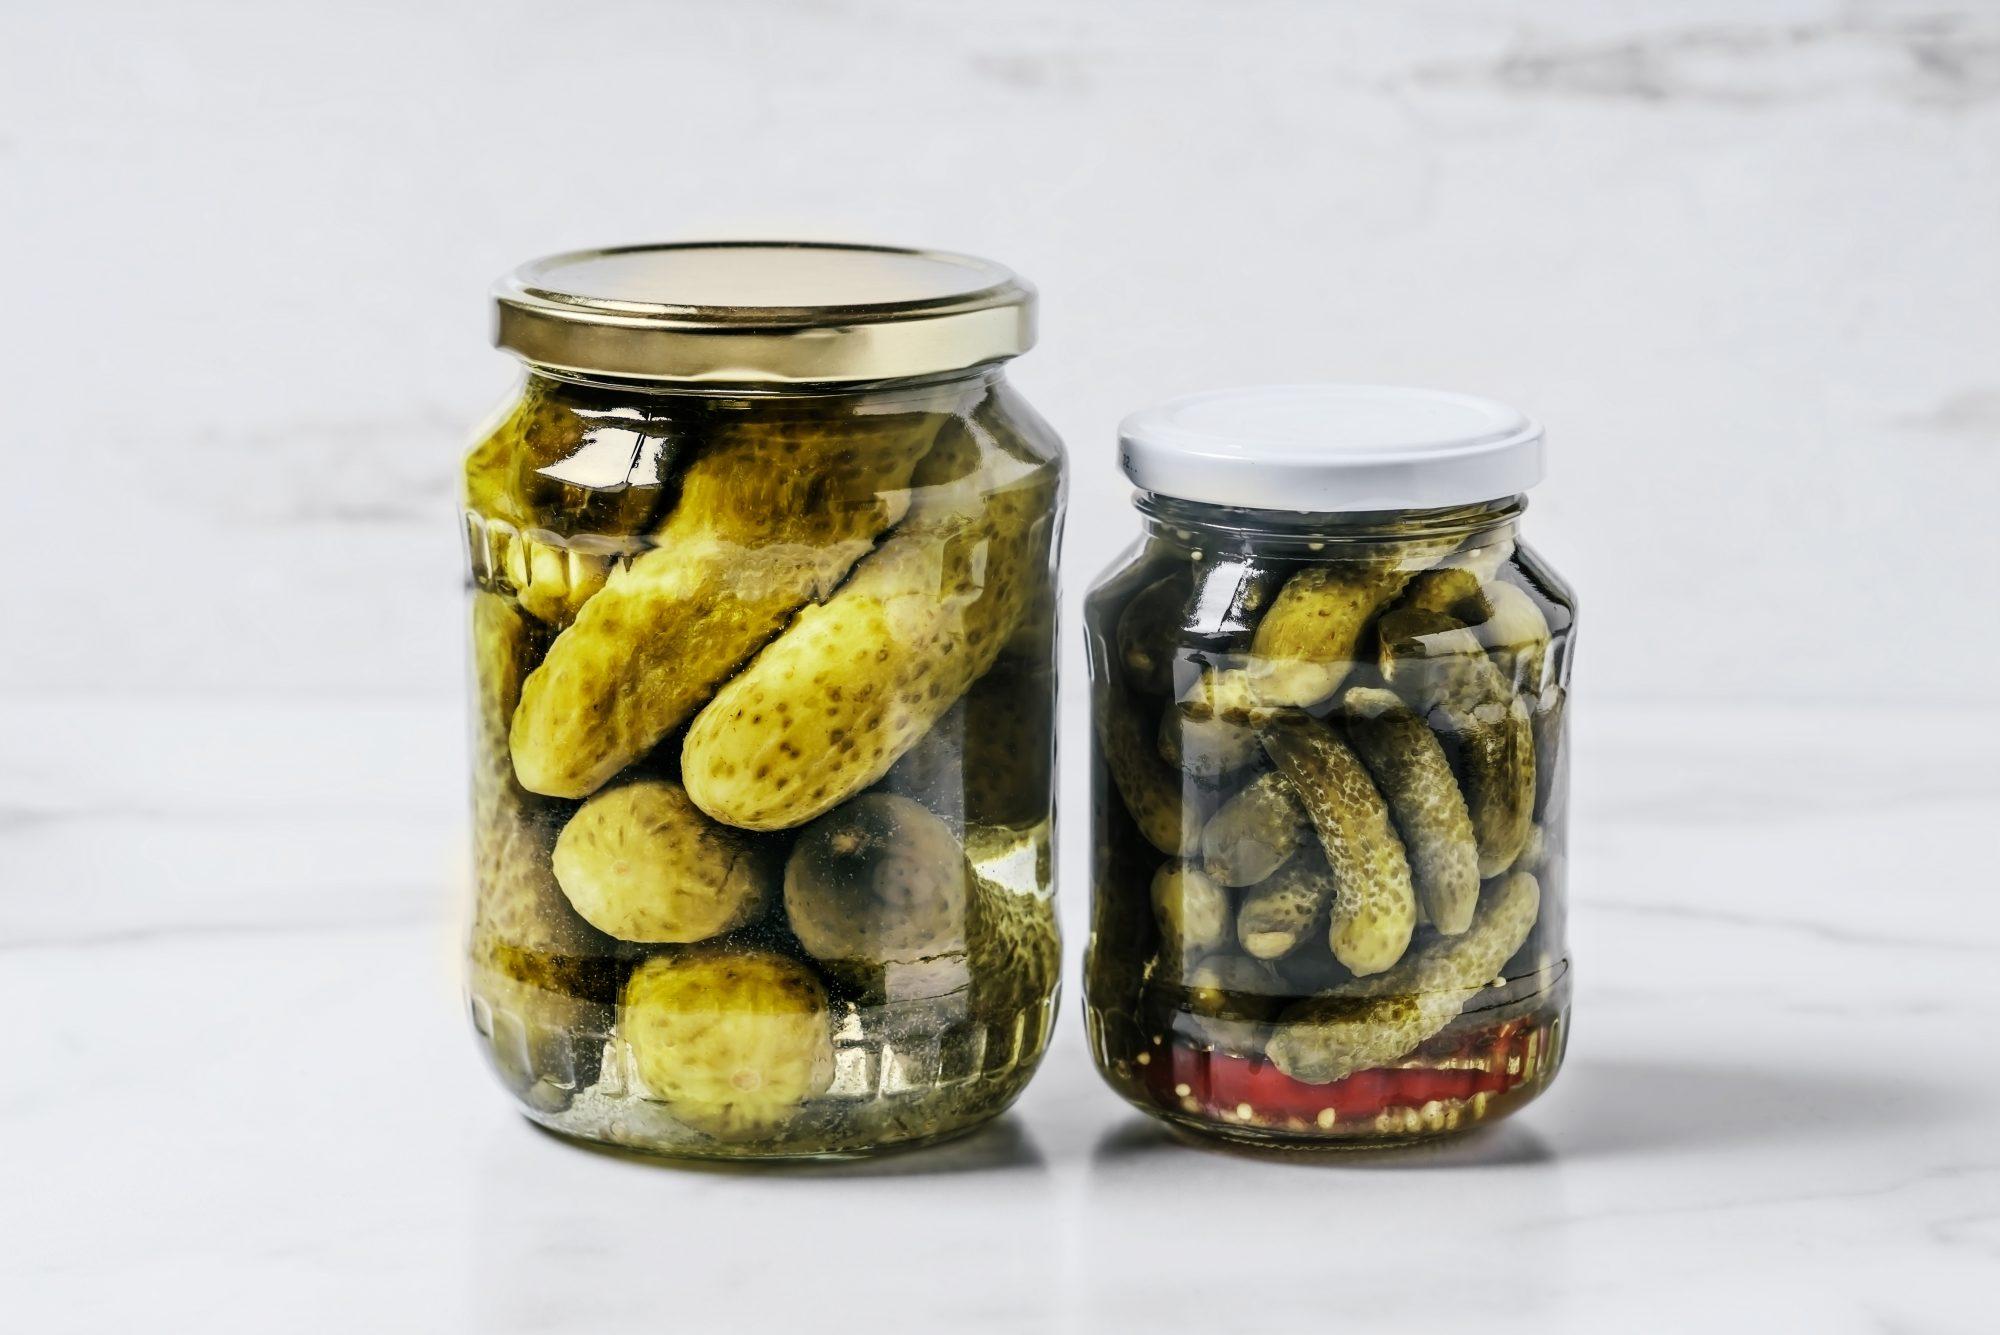 Pickle jars Getty 9/15/20